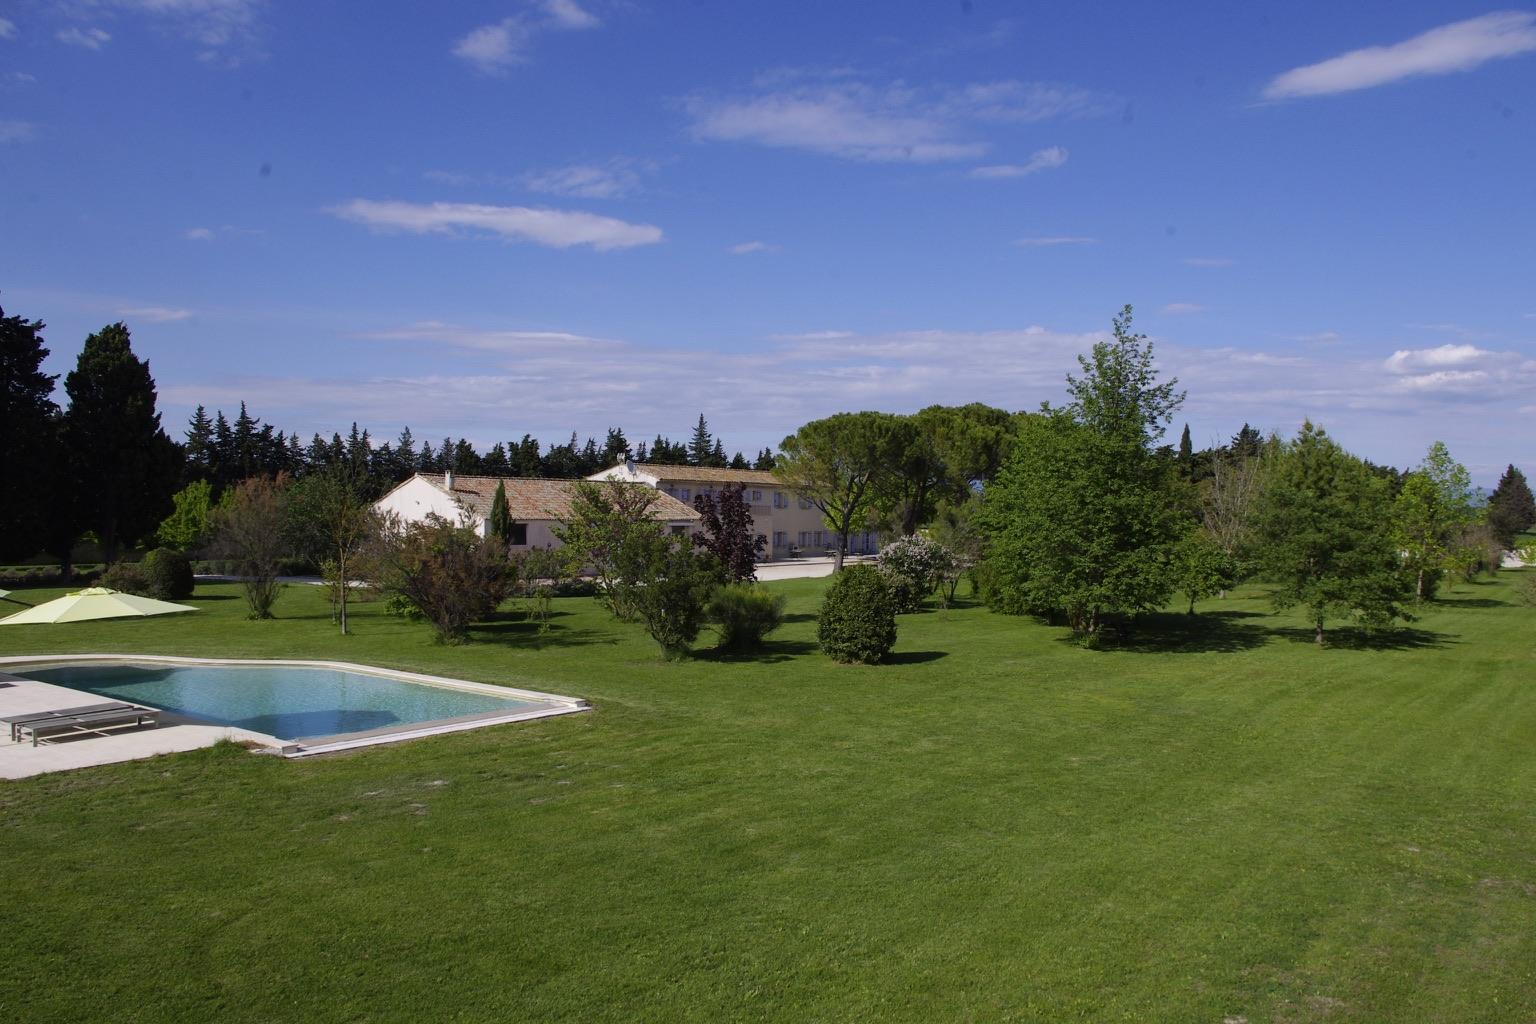 Blick auf das Haus, den Park und das Schwimmbad